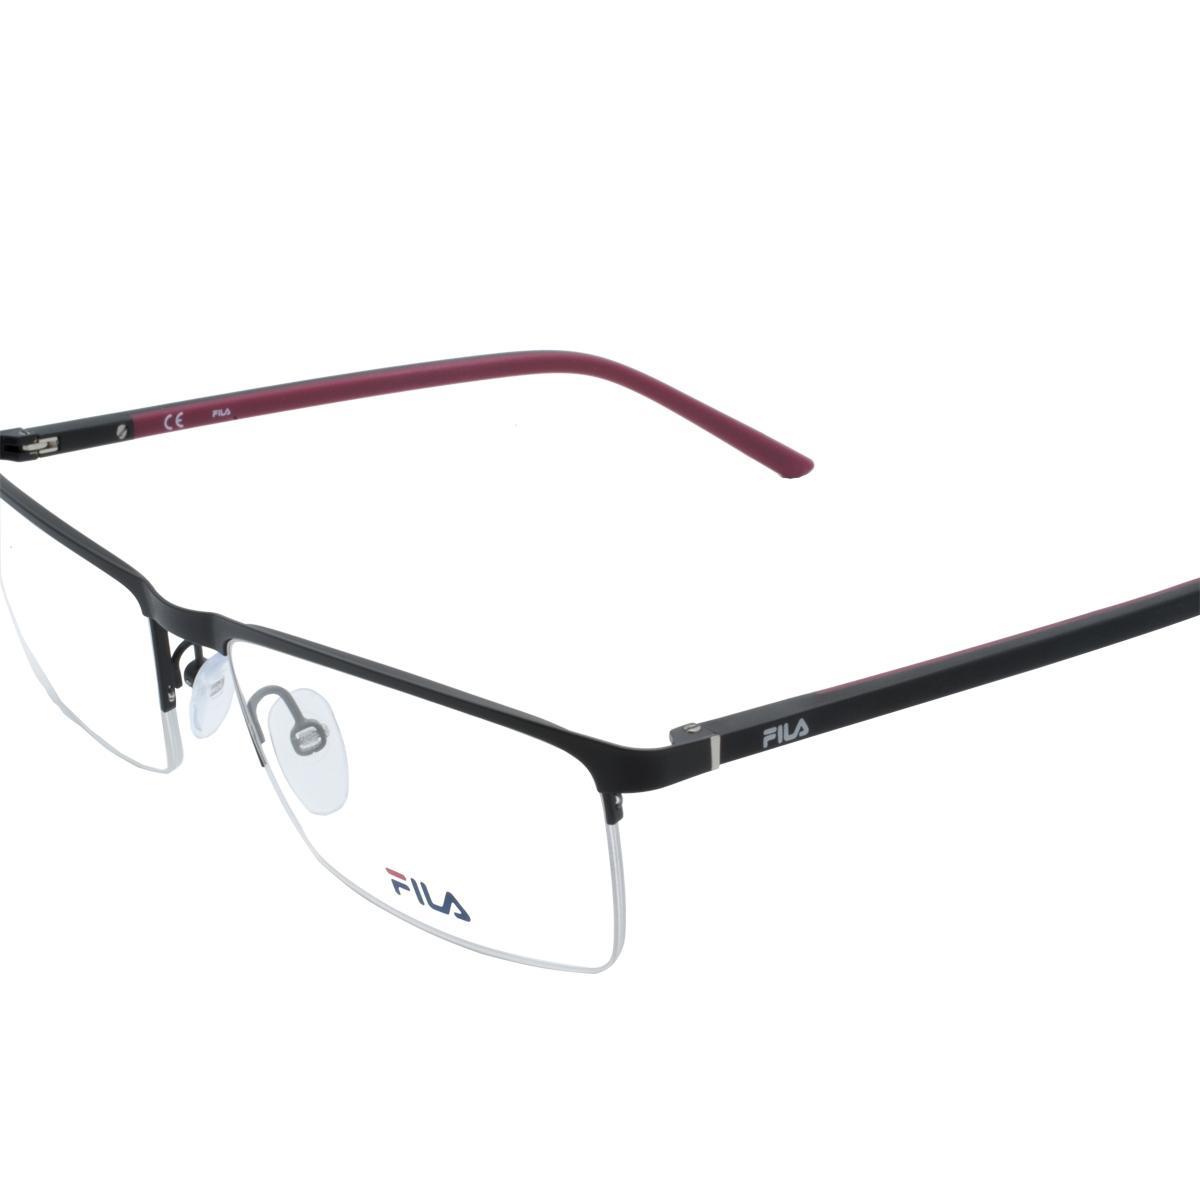 abbff8df82840 Óculos de Grau Fio de Nylon Fila Masculino Metal Preto e Vermelho - VF9839  0531 57 Produto não disponível